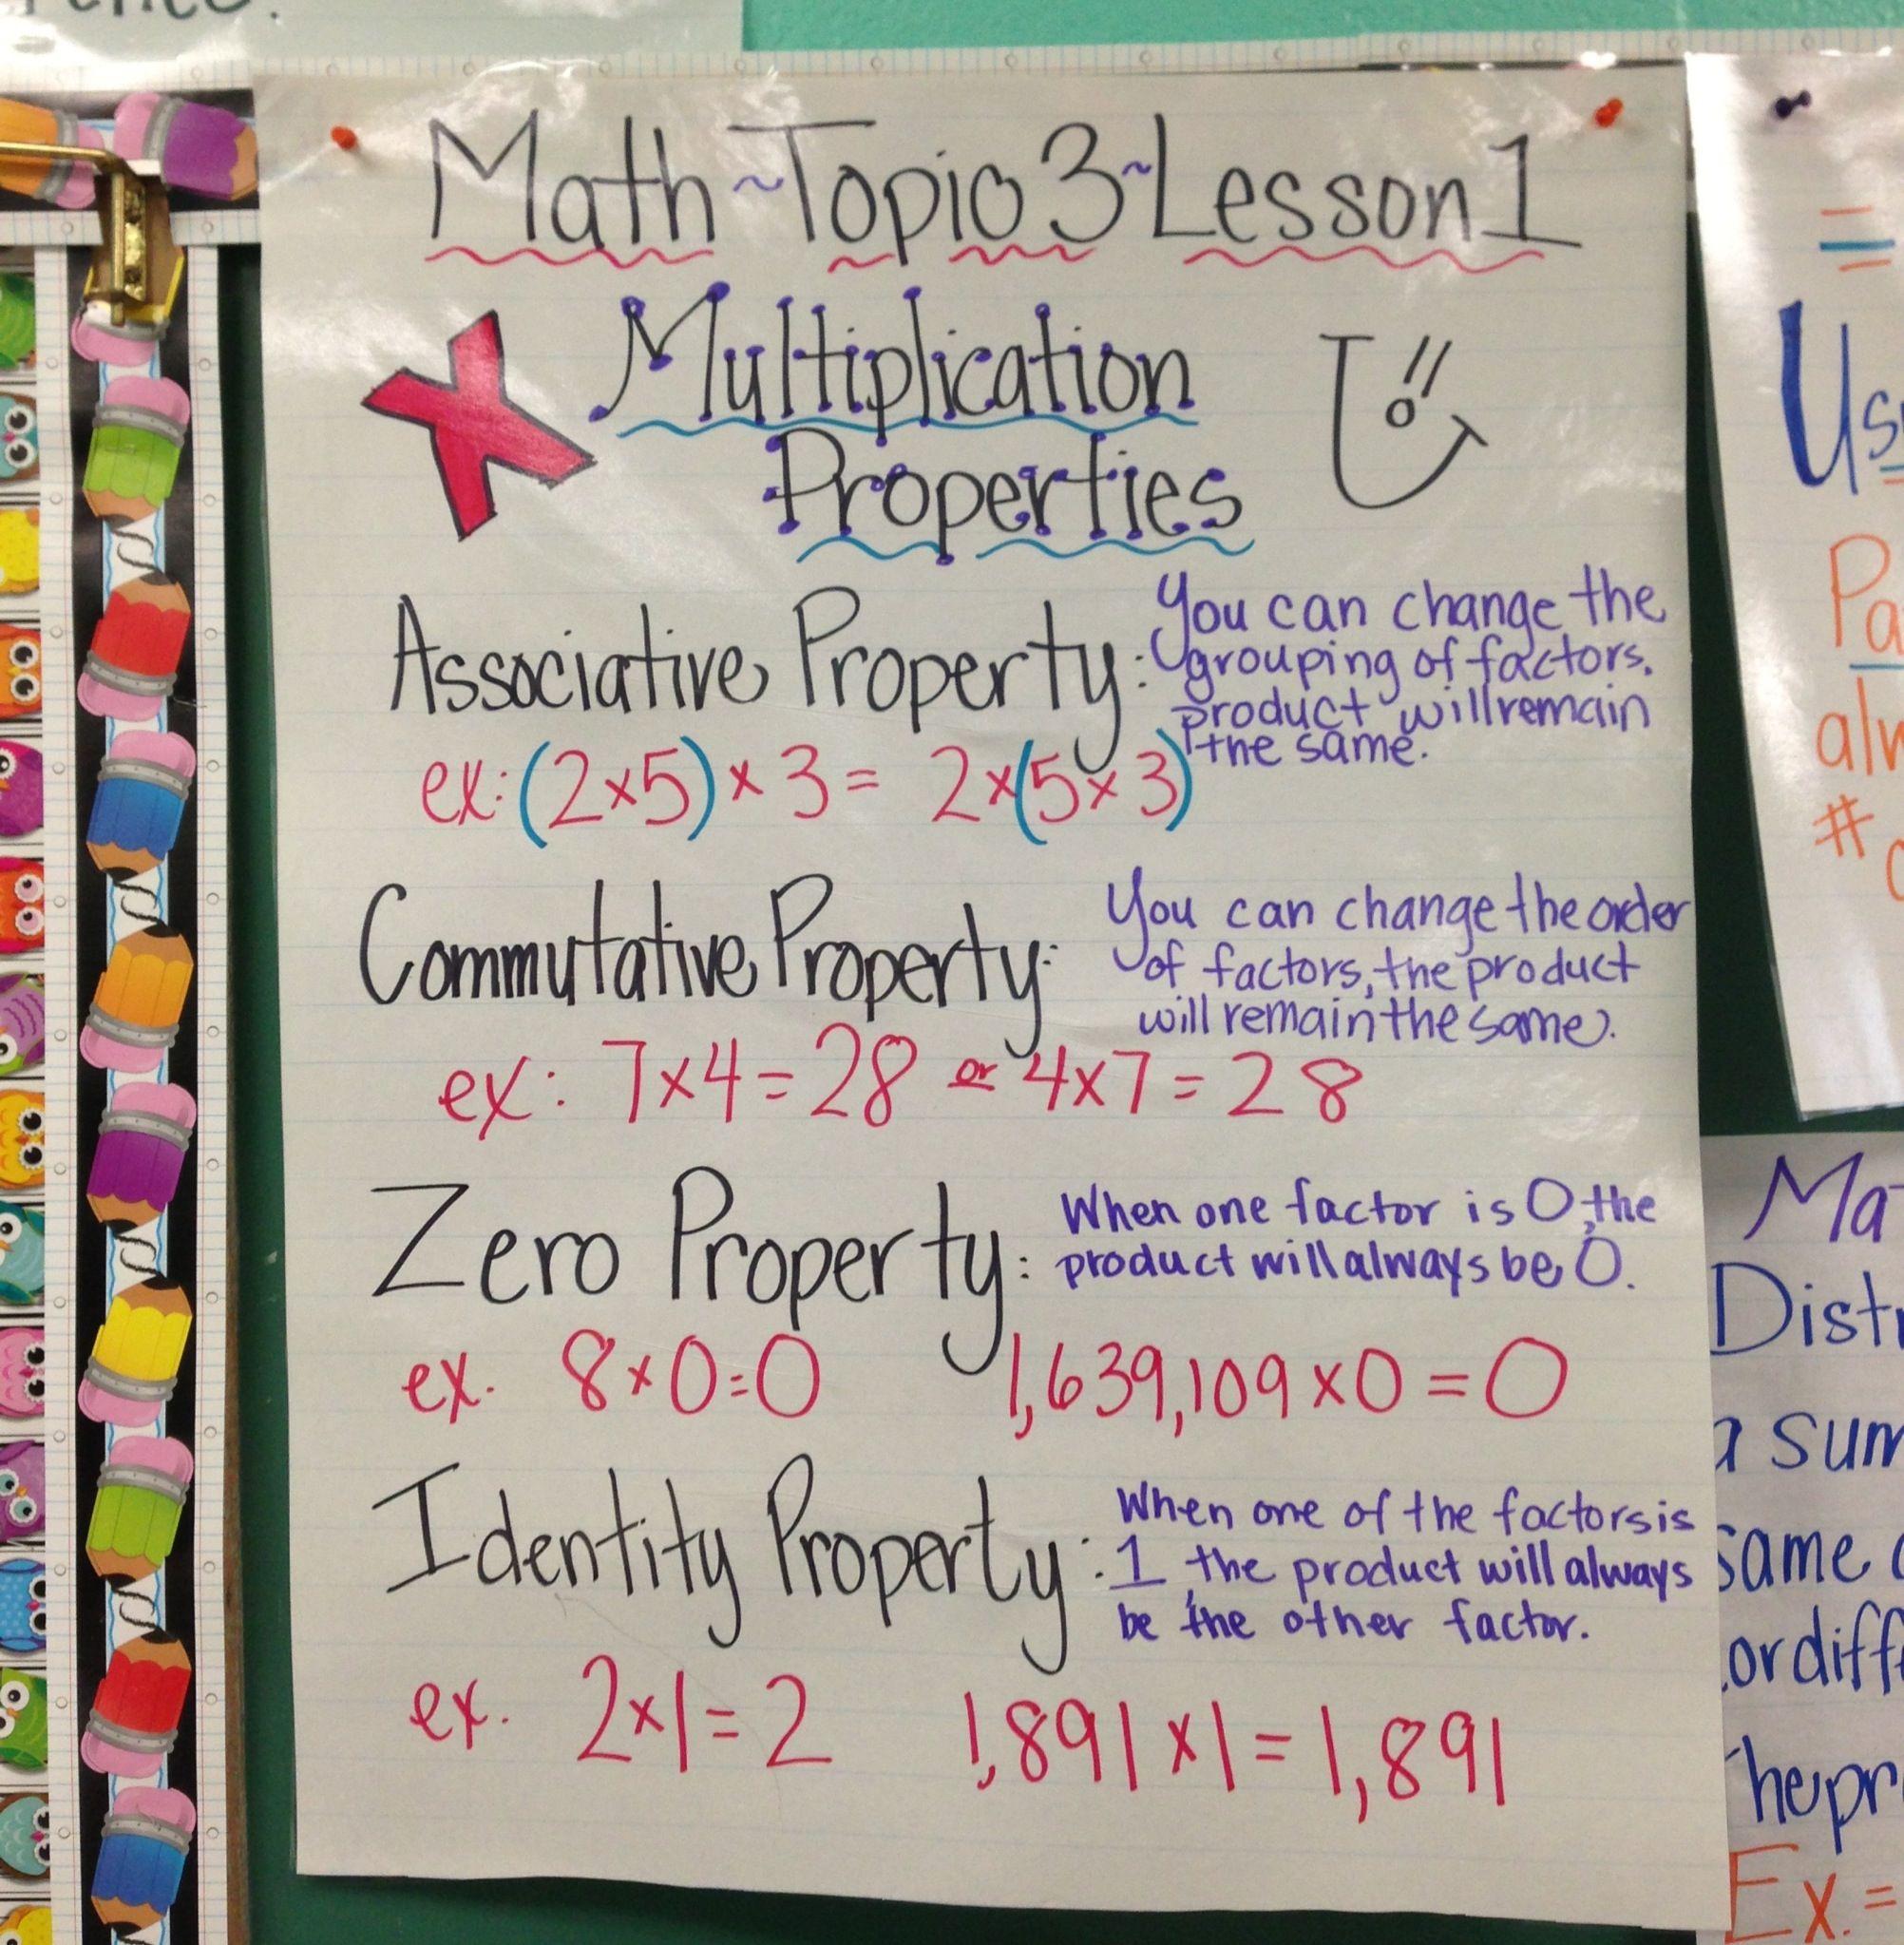 Multiplication Properties 5th Grade